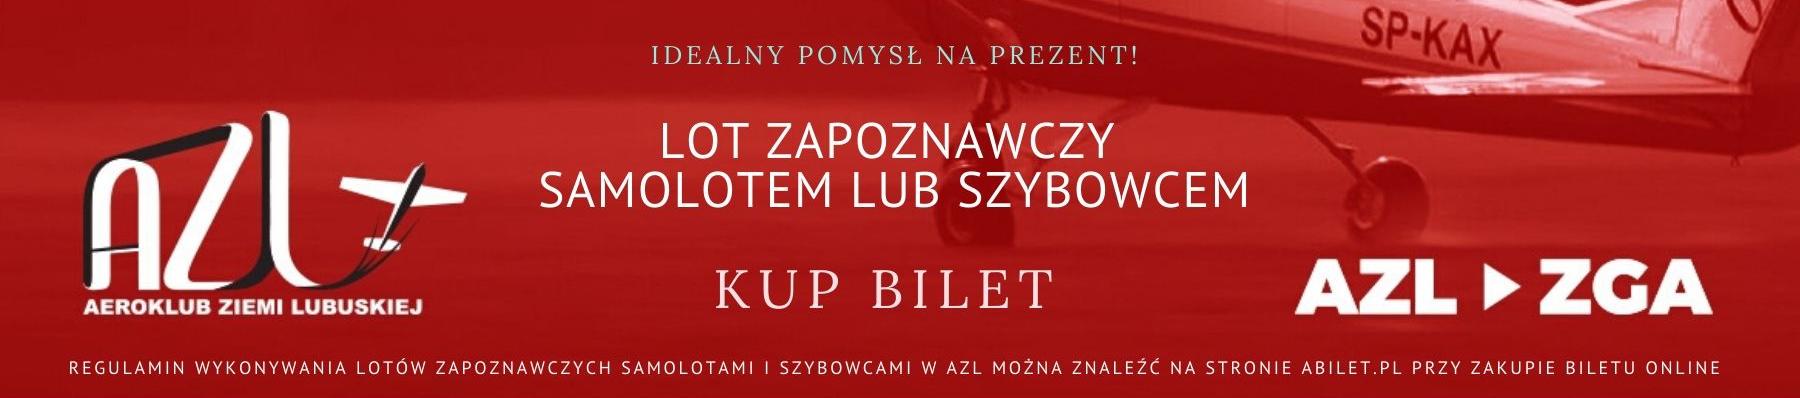 AZL - Lot zapoznawczy